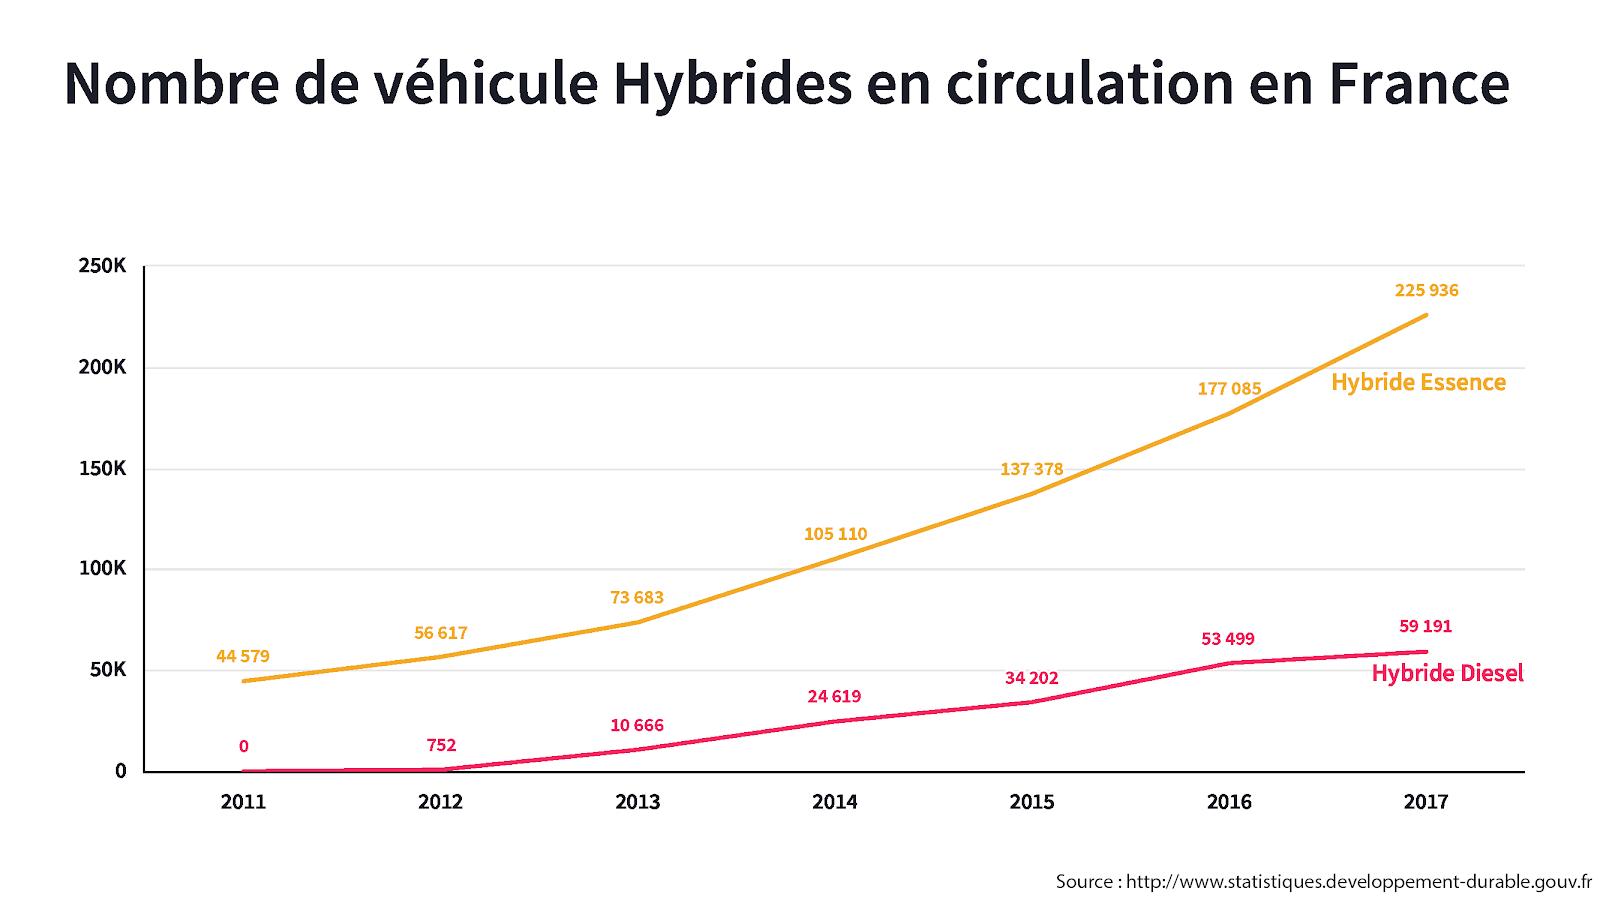 graphique du nombre de véhicule hybride en circulation en fonction des années.